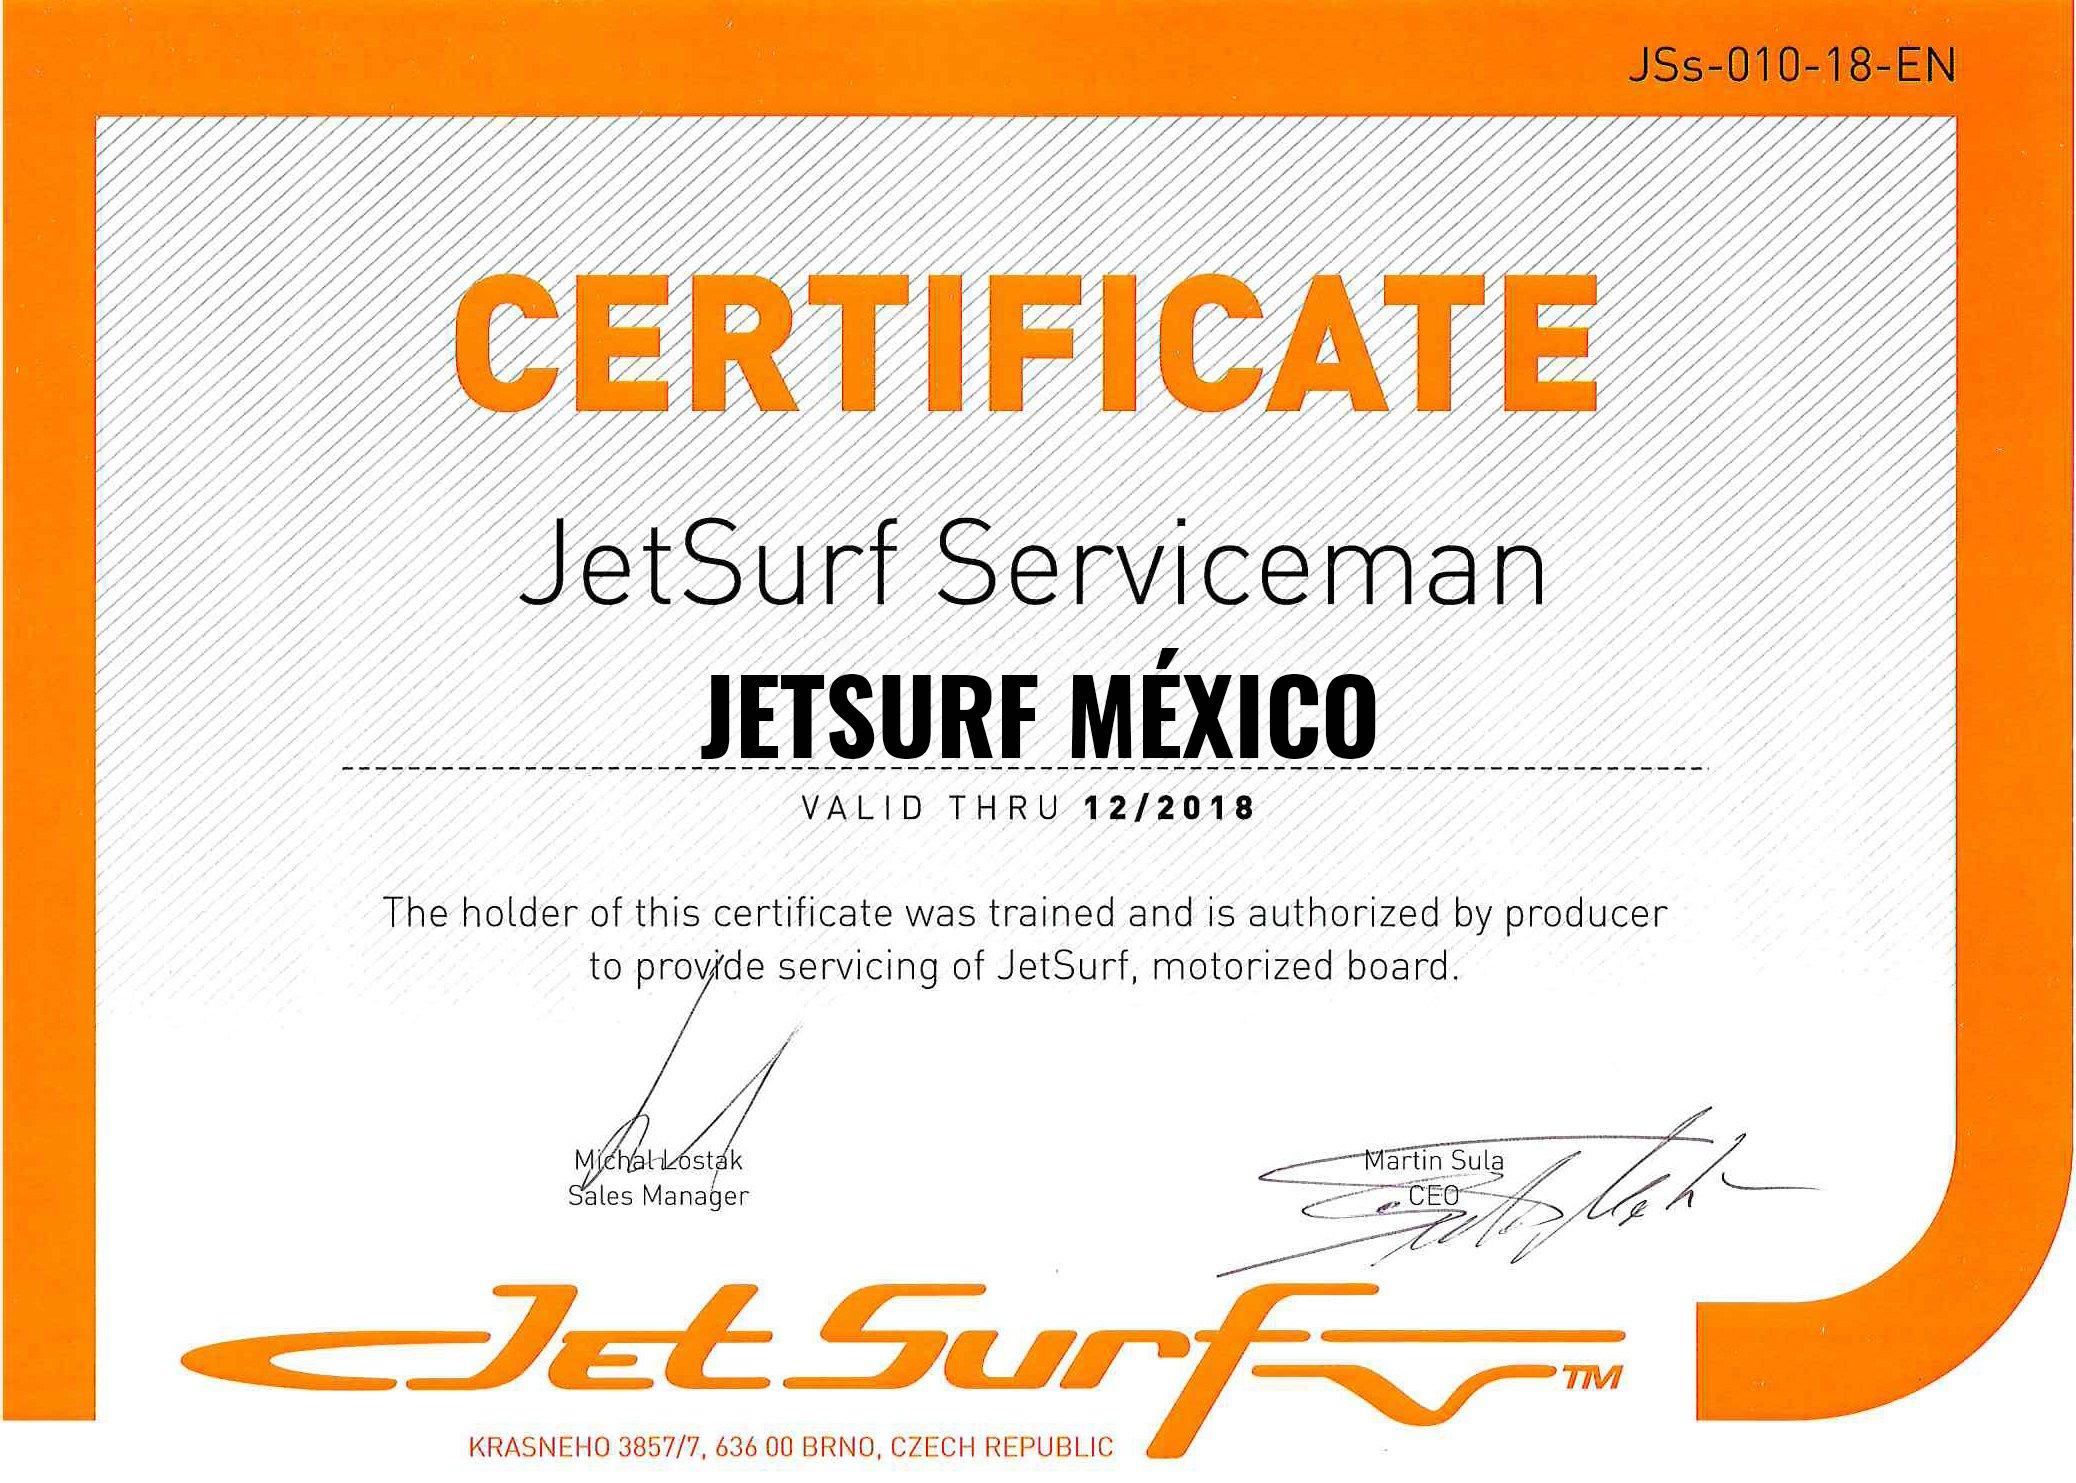 certificado jetsurf serviceman centro de servicio